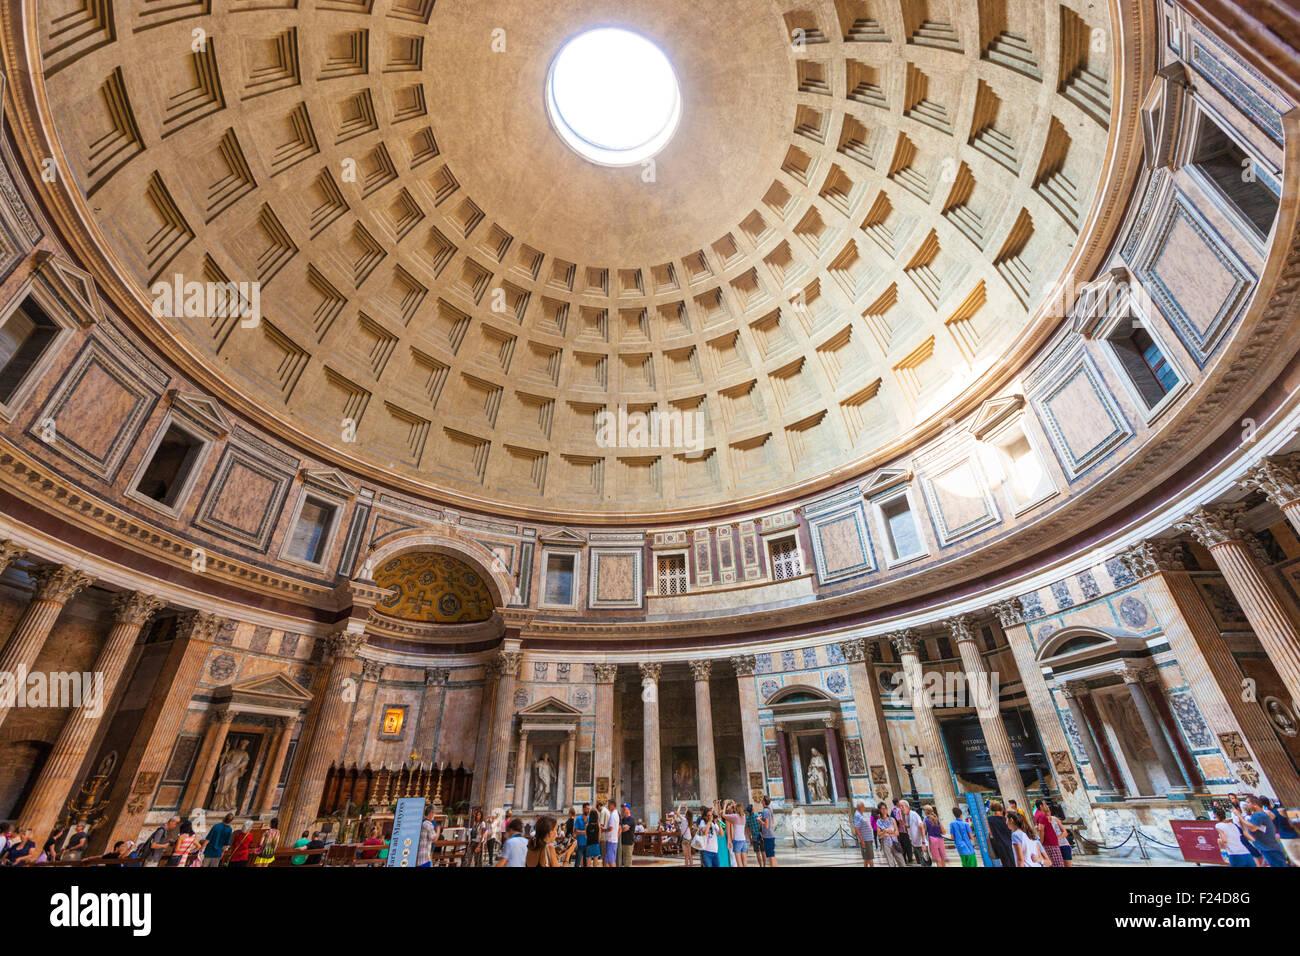 El templo del panteón de dioses romanos y la iglesia espacio interior Piazza della Rotonda Roma Lazio Italia Imagen De Stock